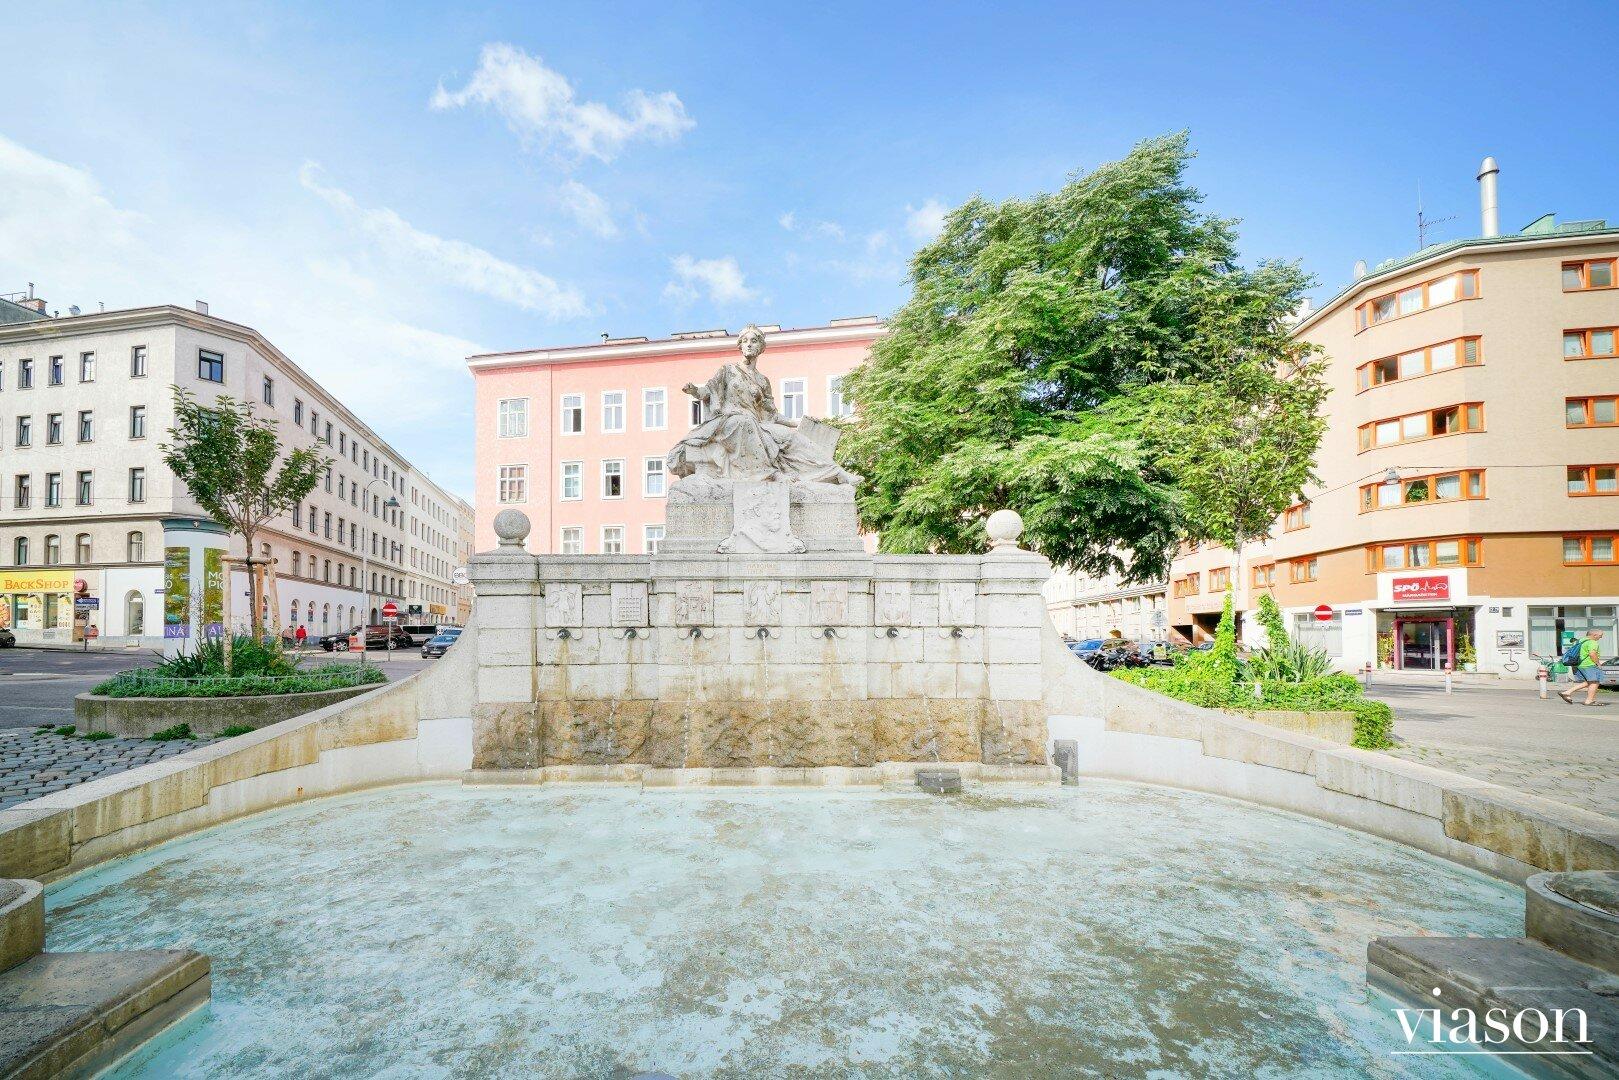 Siebenbrunnenplatz